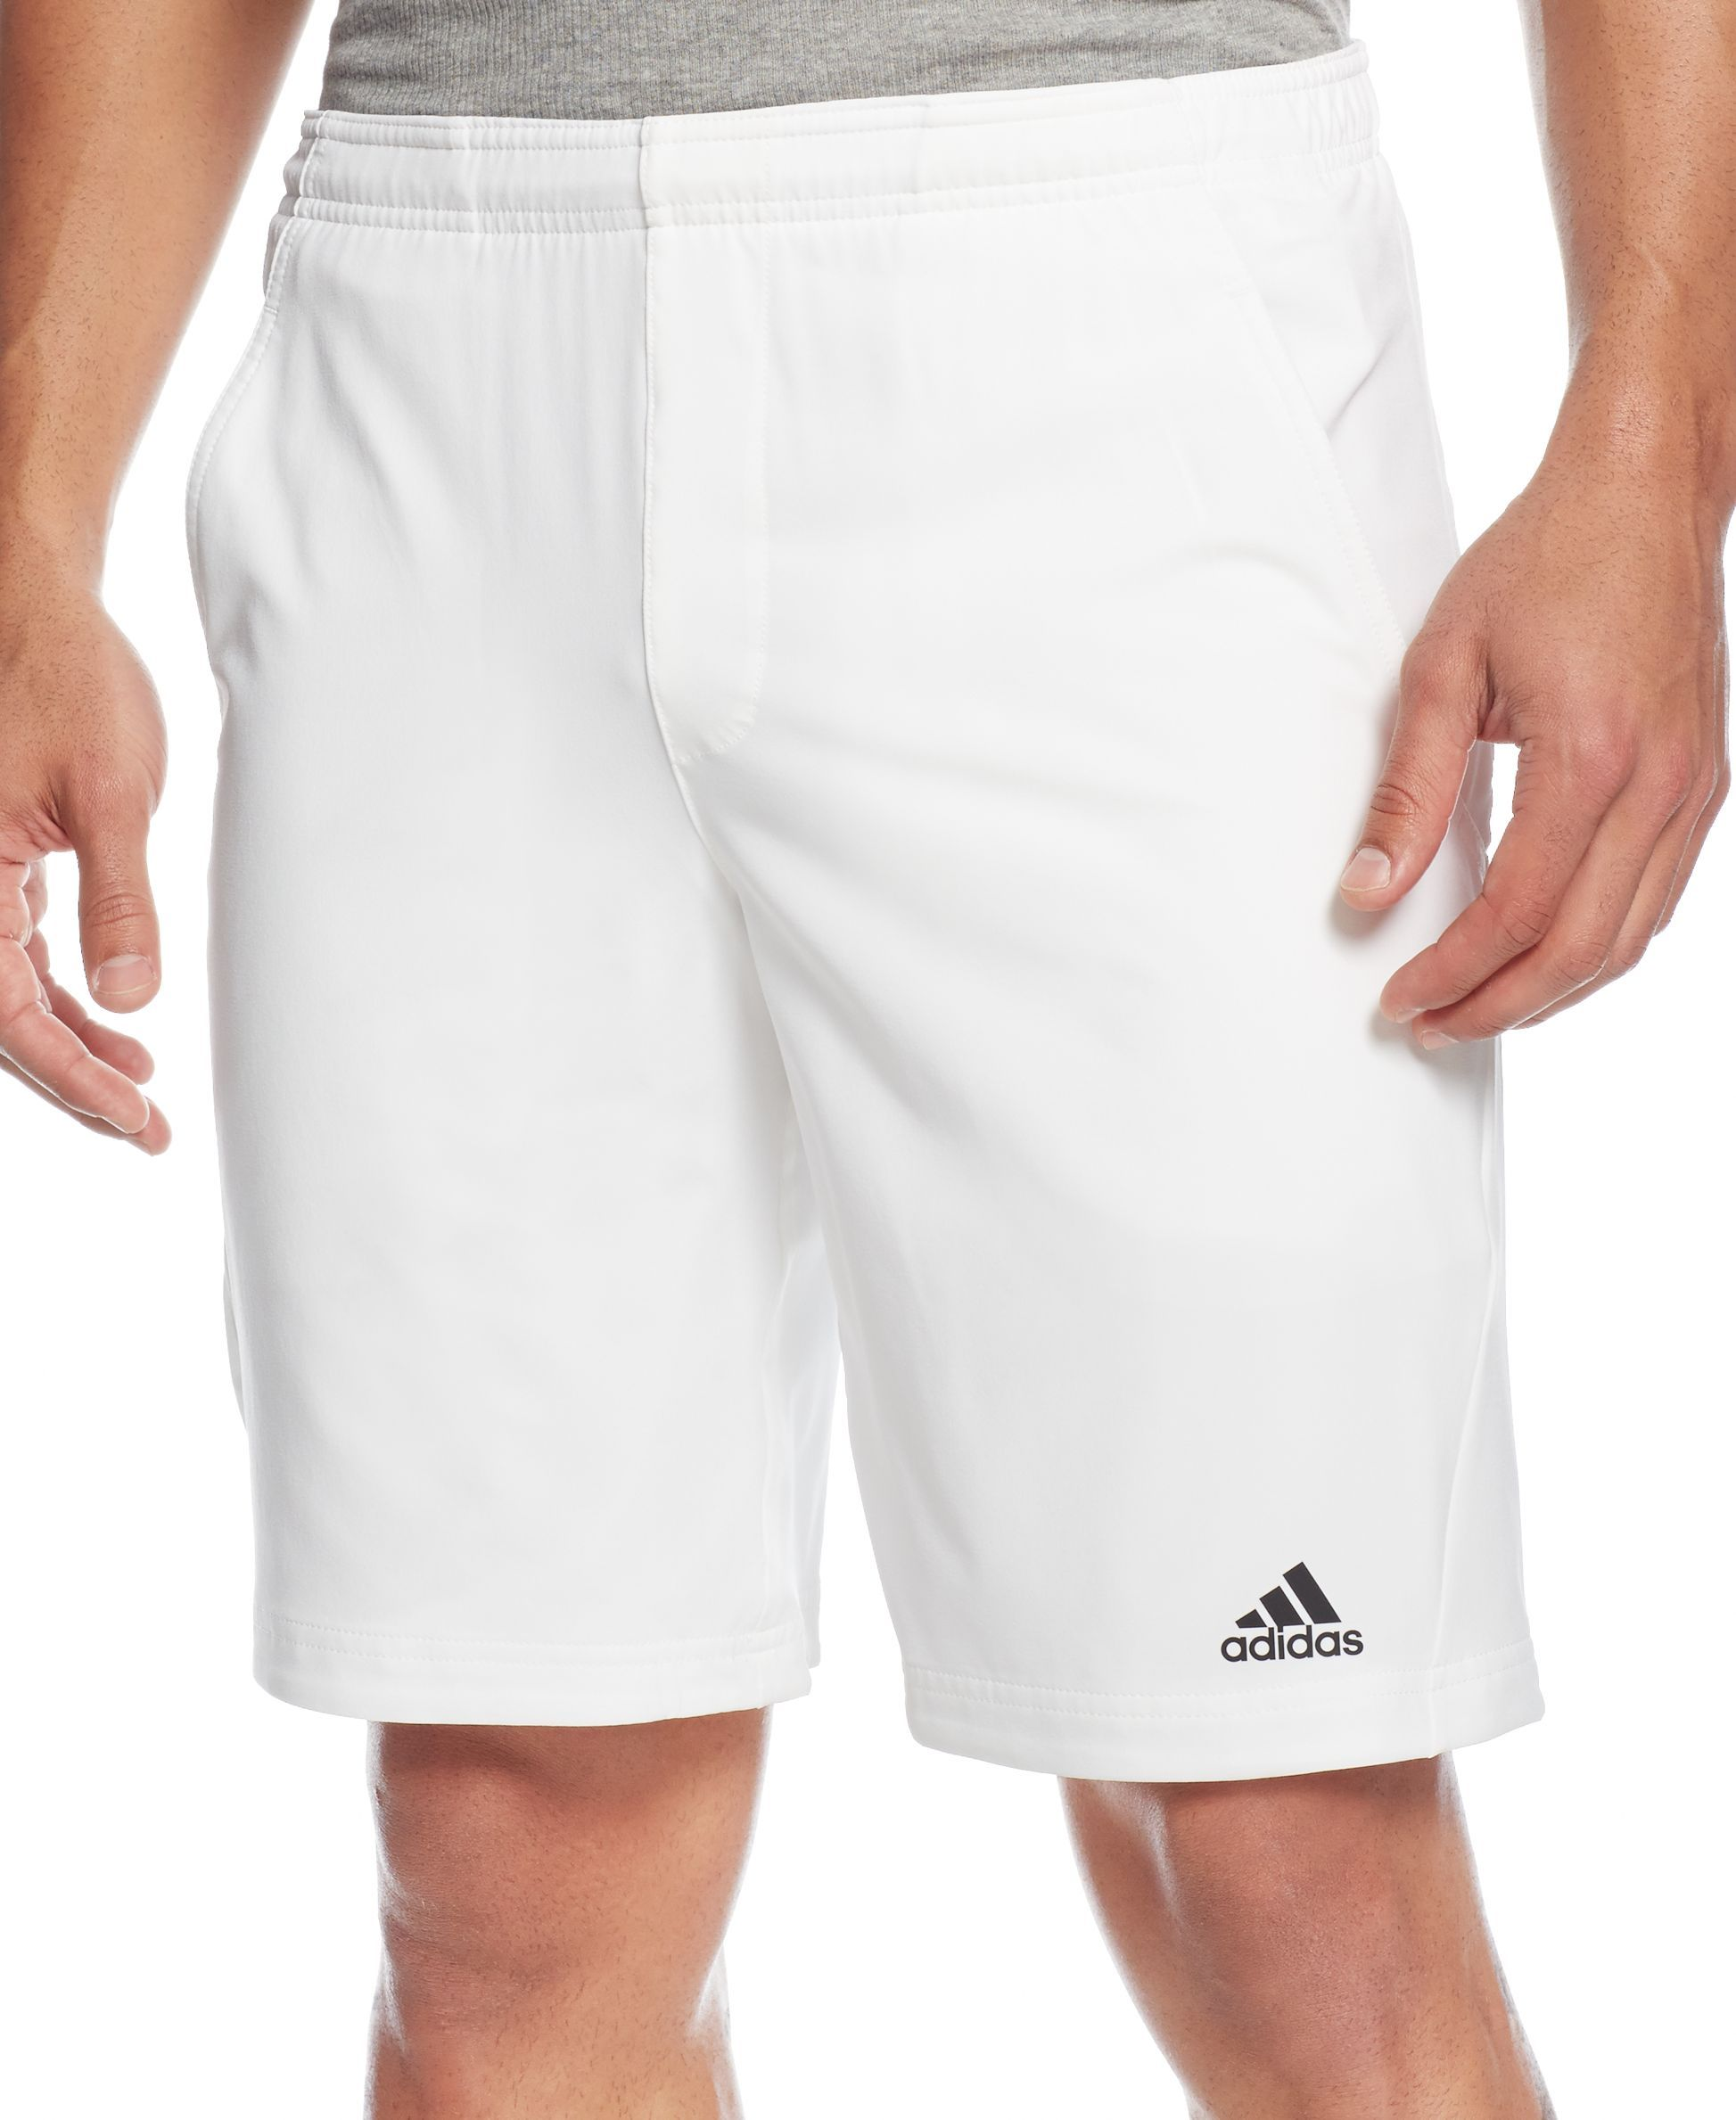 d65f0b47f7a9 adidas ClimaLite Ts Essex Shorts